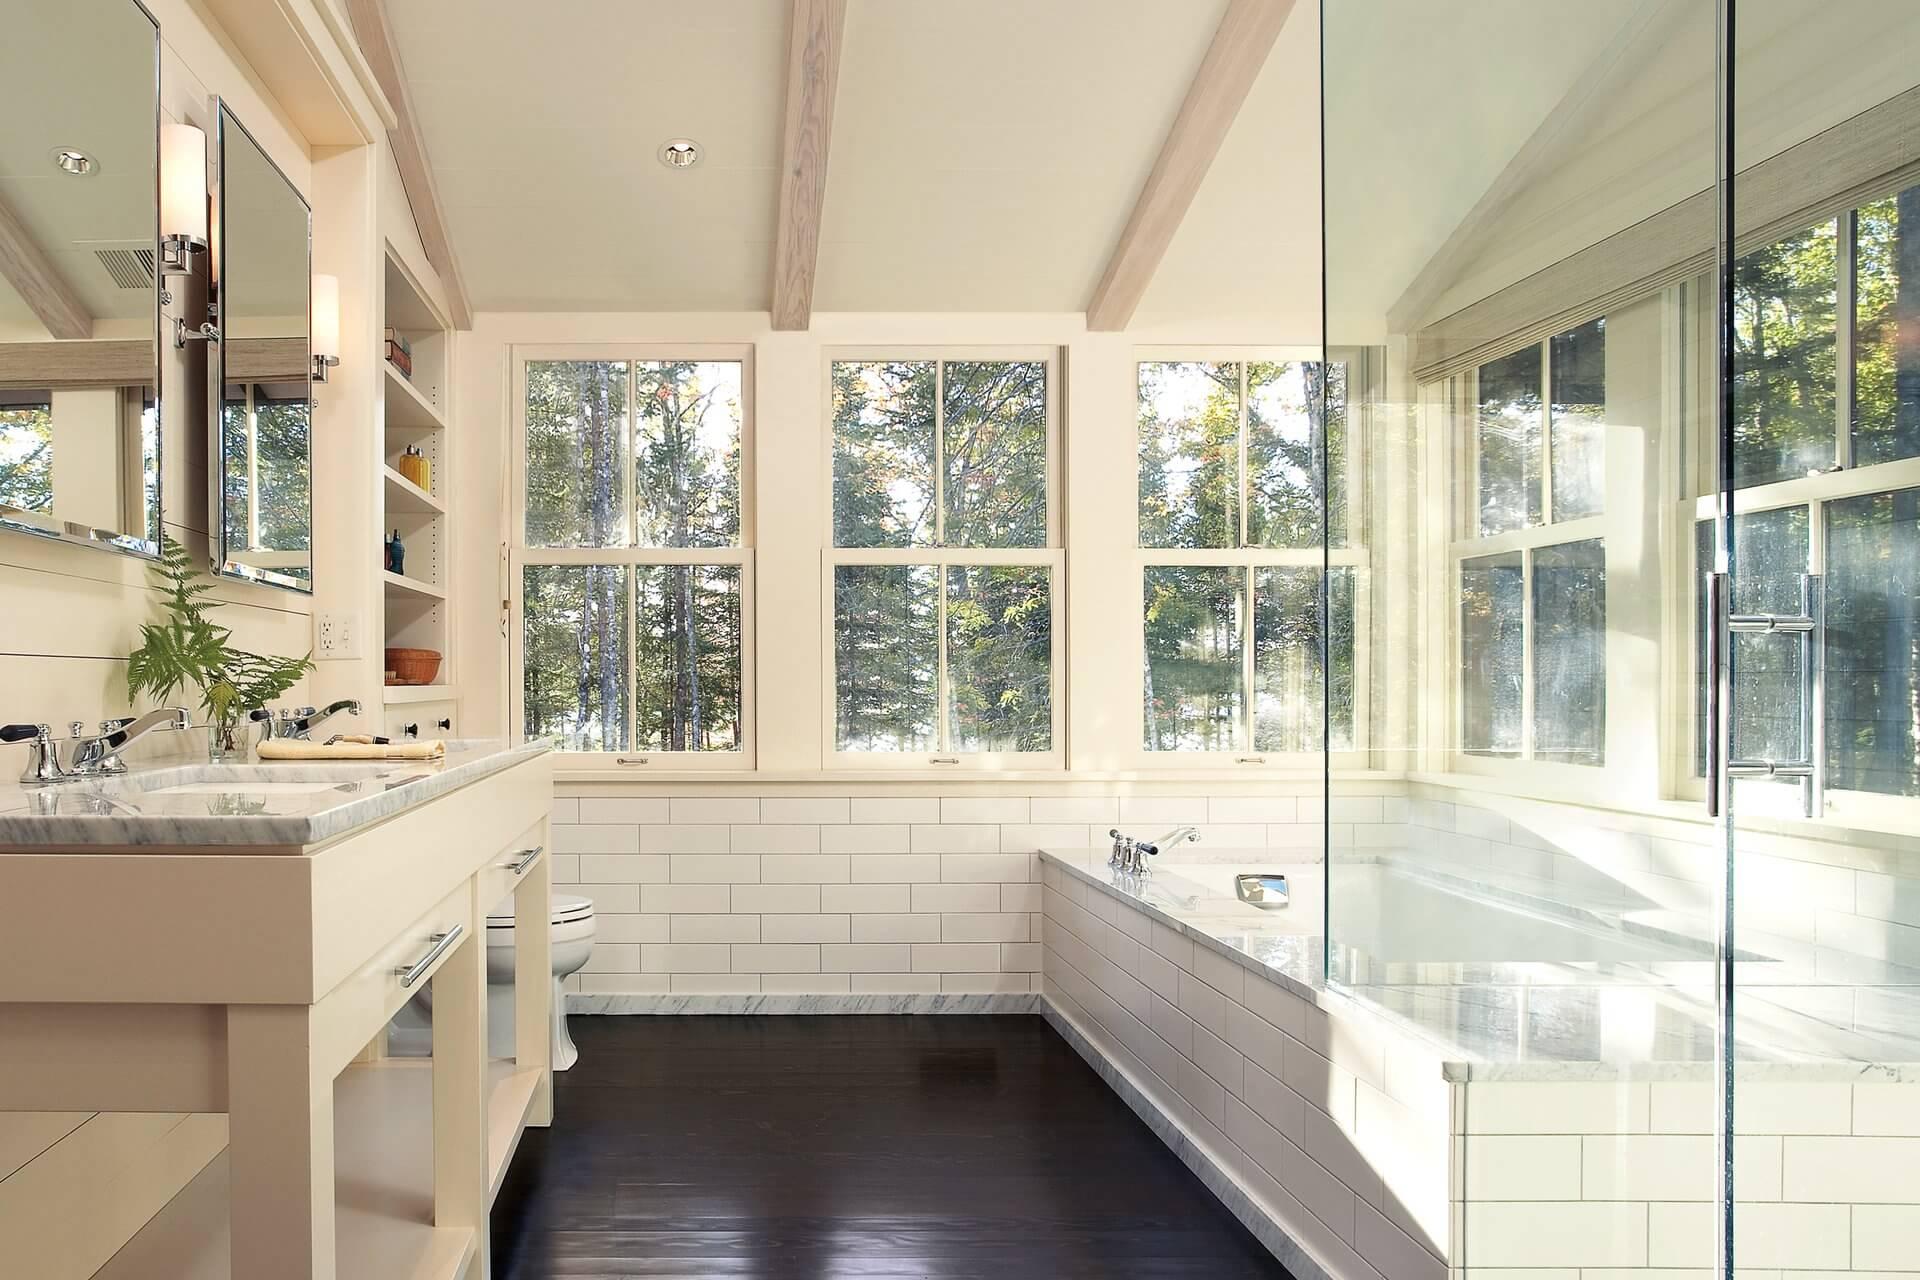 marvin-signature-ultimate-wood-single-hung-myr-bathroom